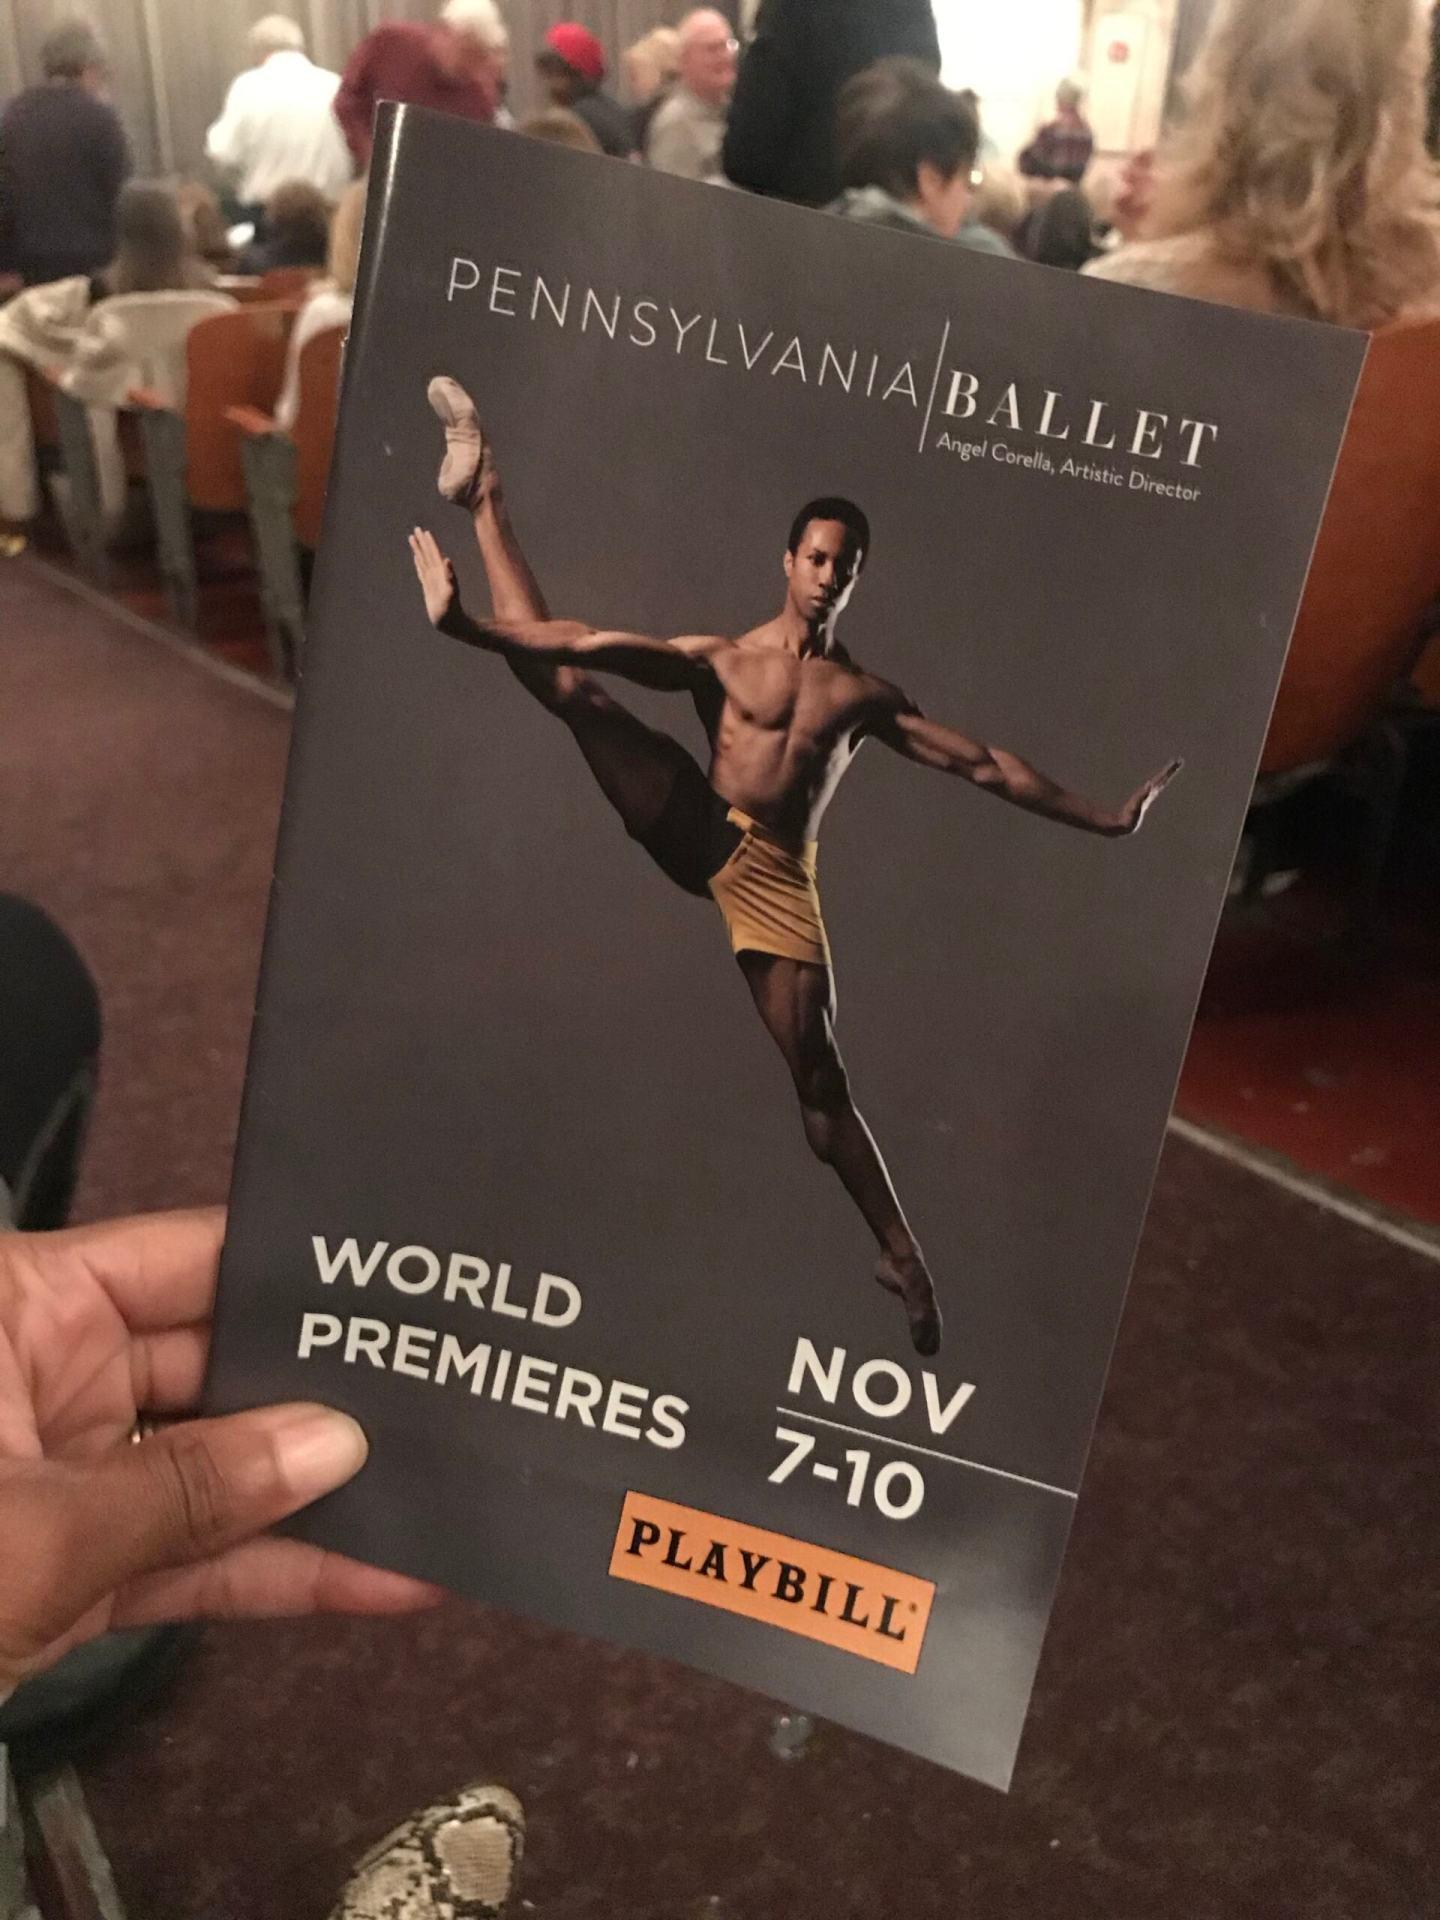 PA Ballet World Premiers